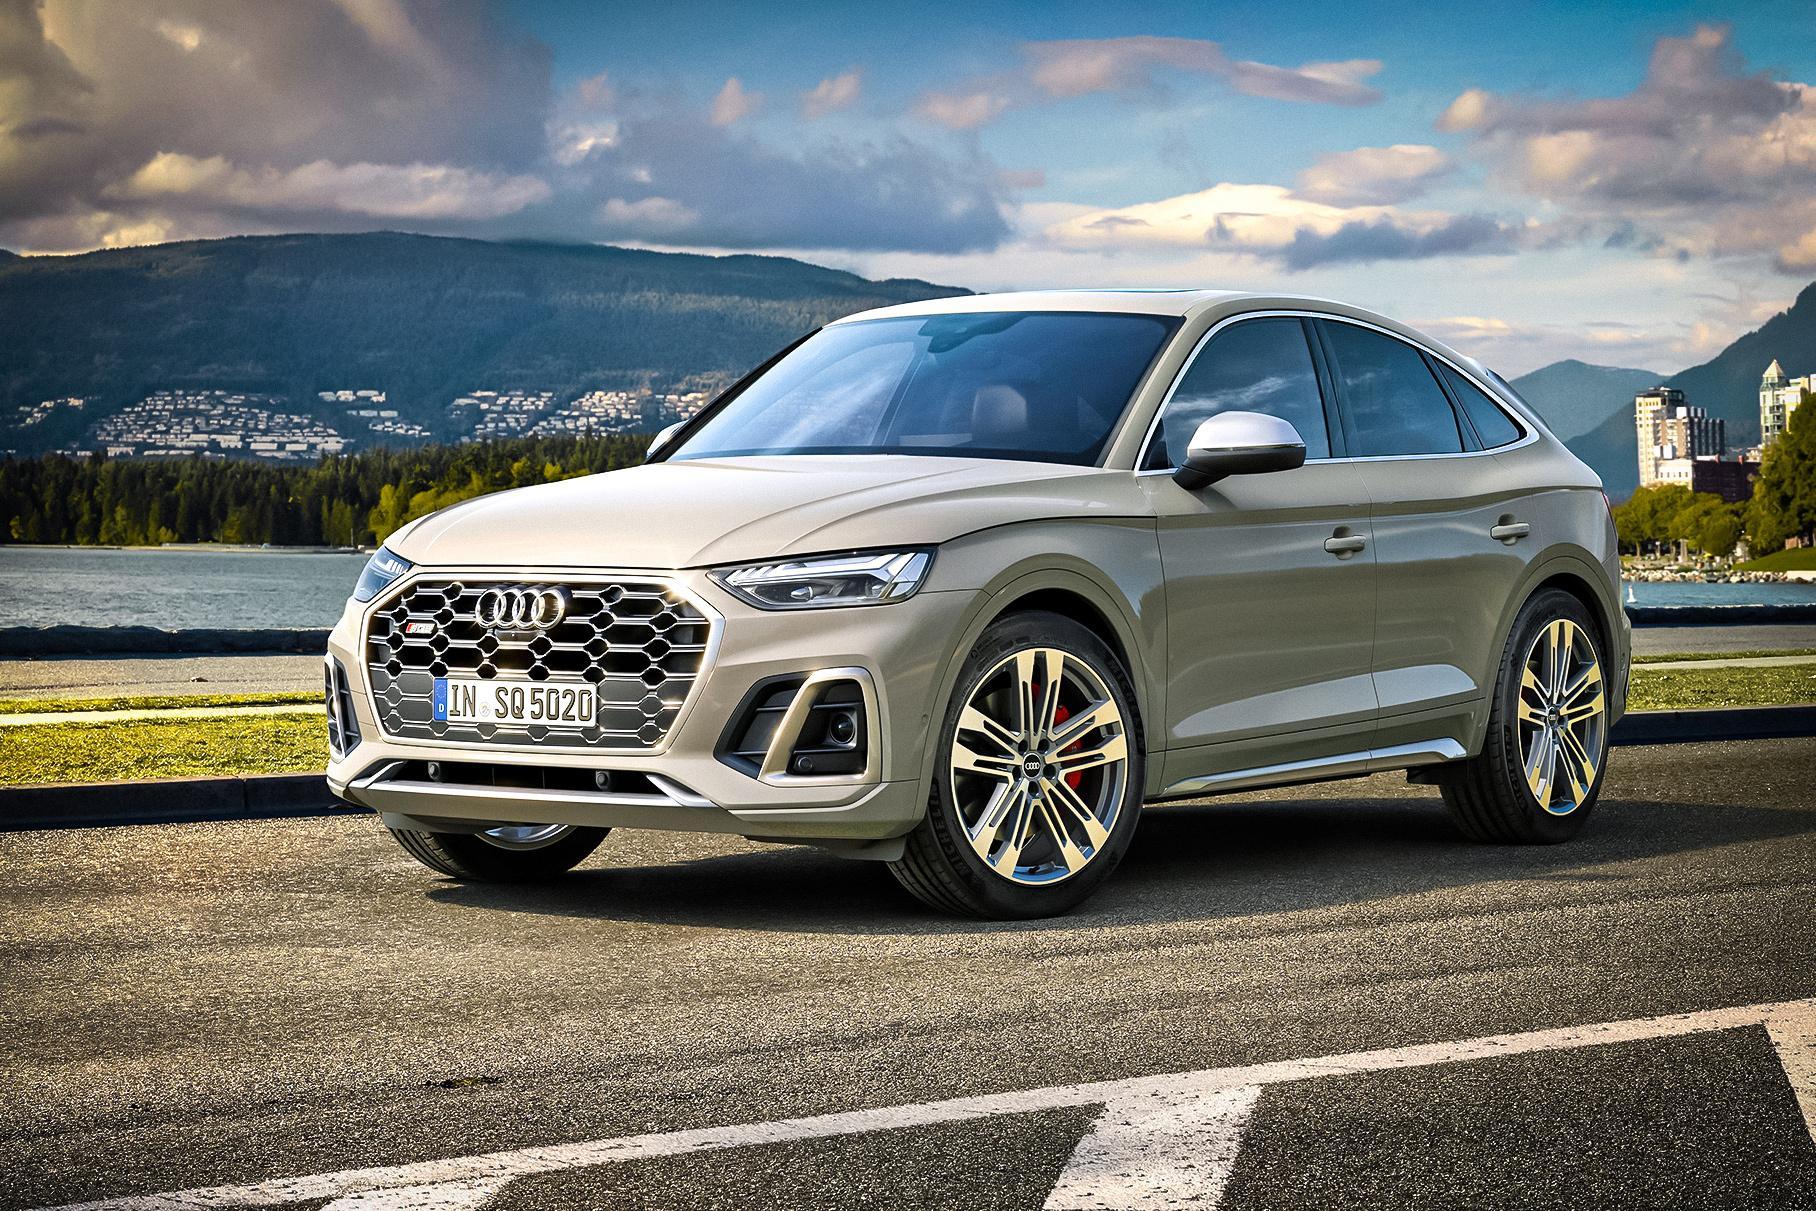 Audi Q5 family gains an SQ5 TDI version